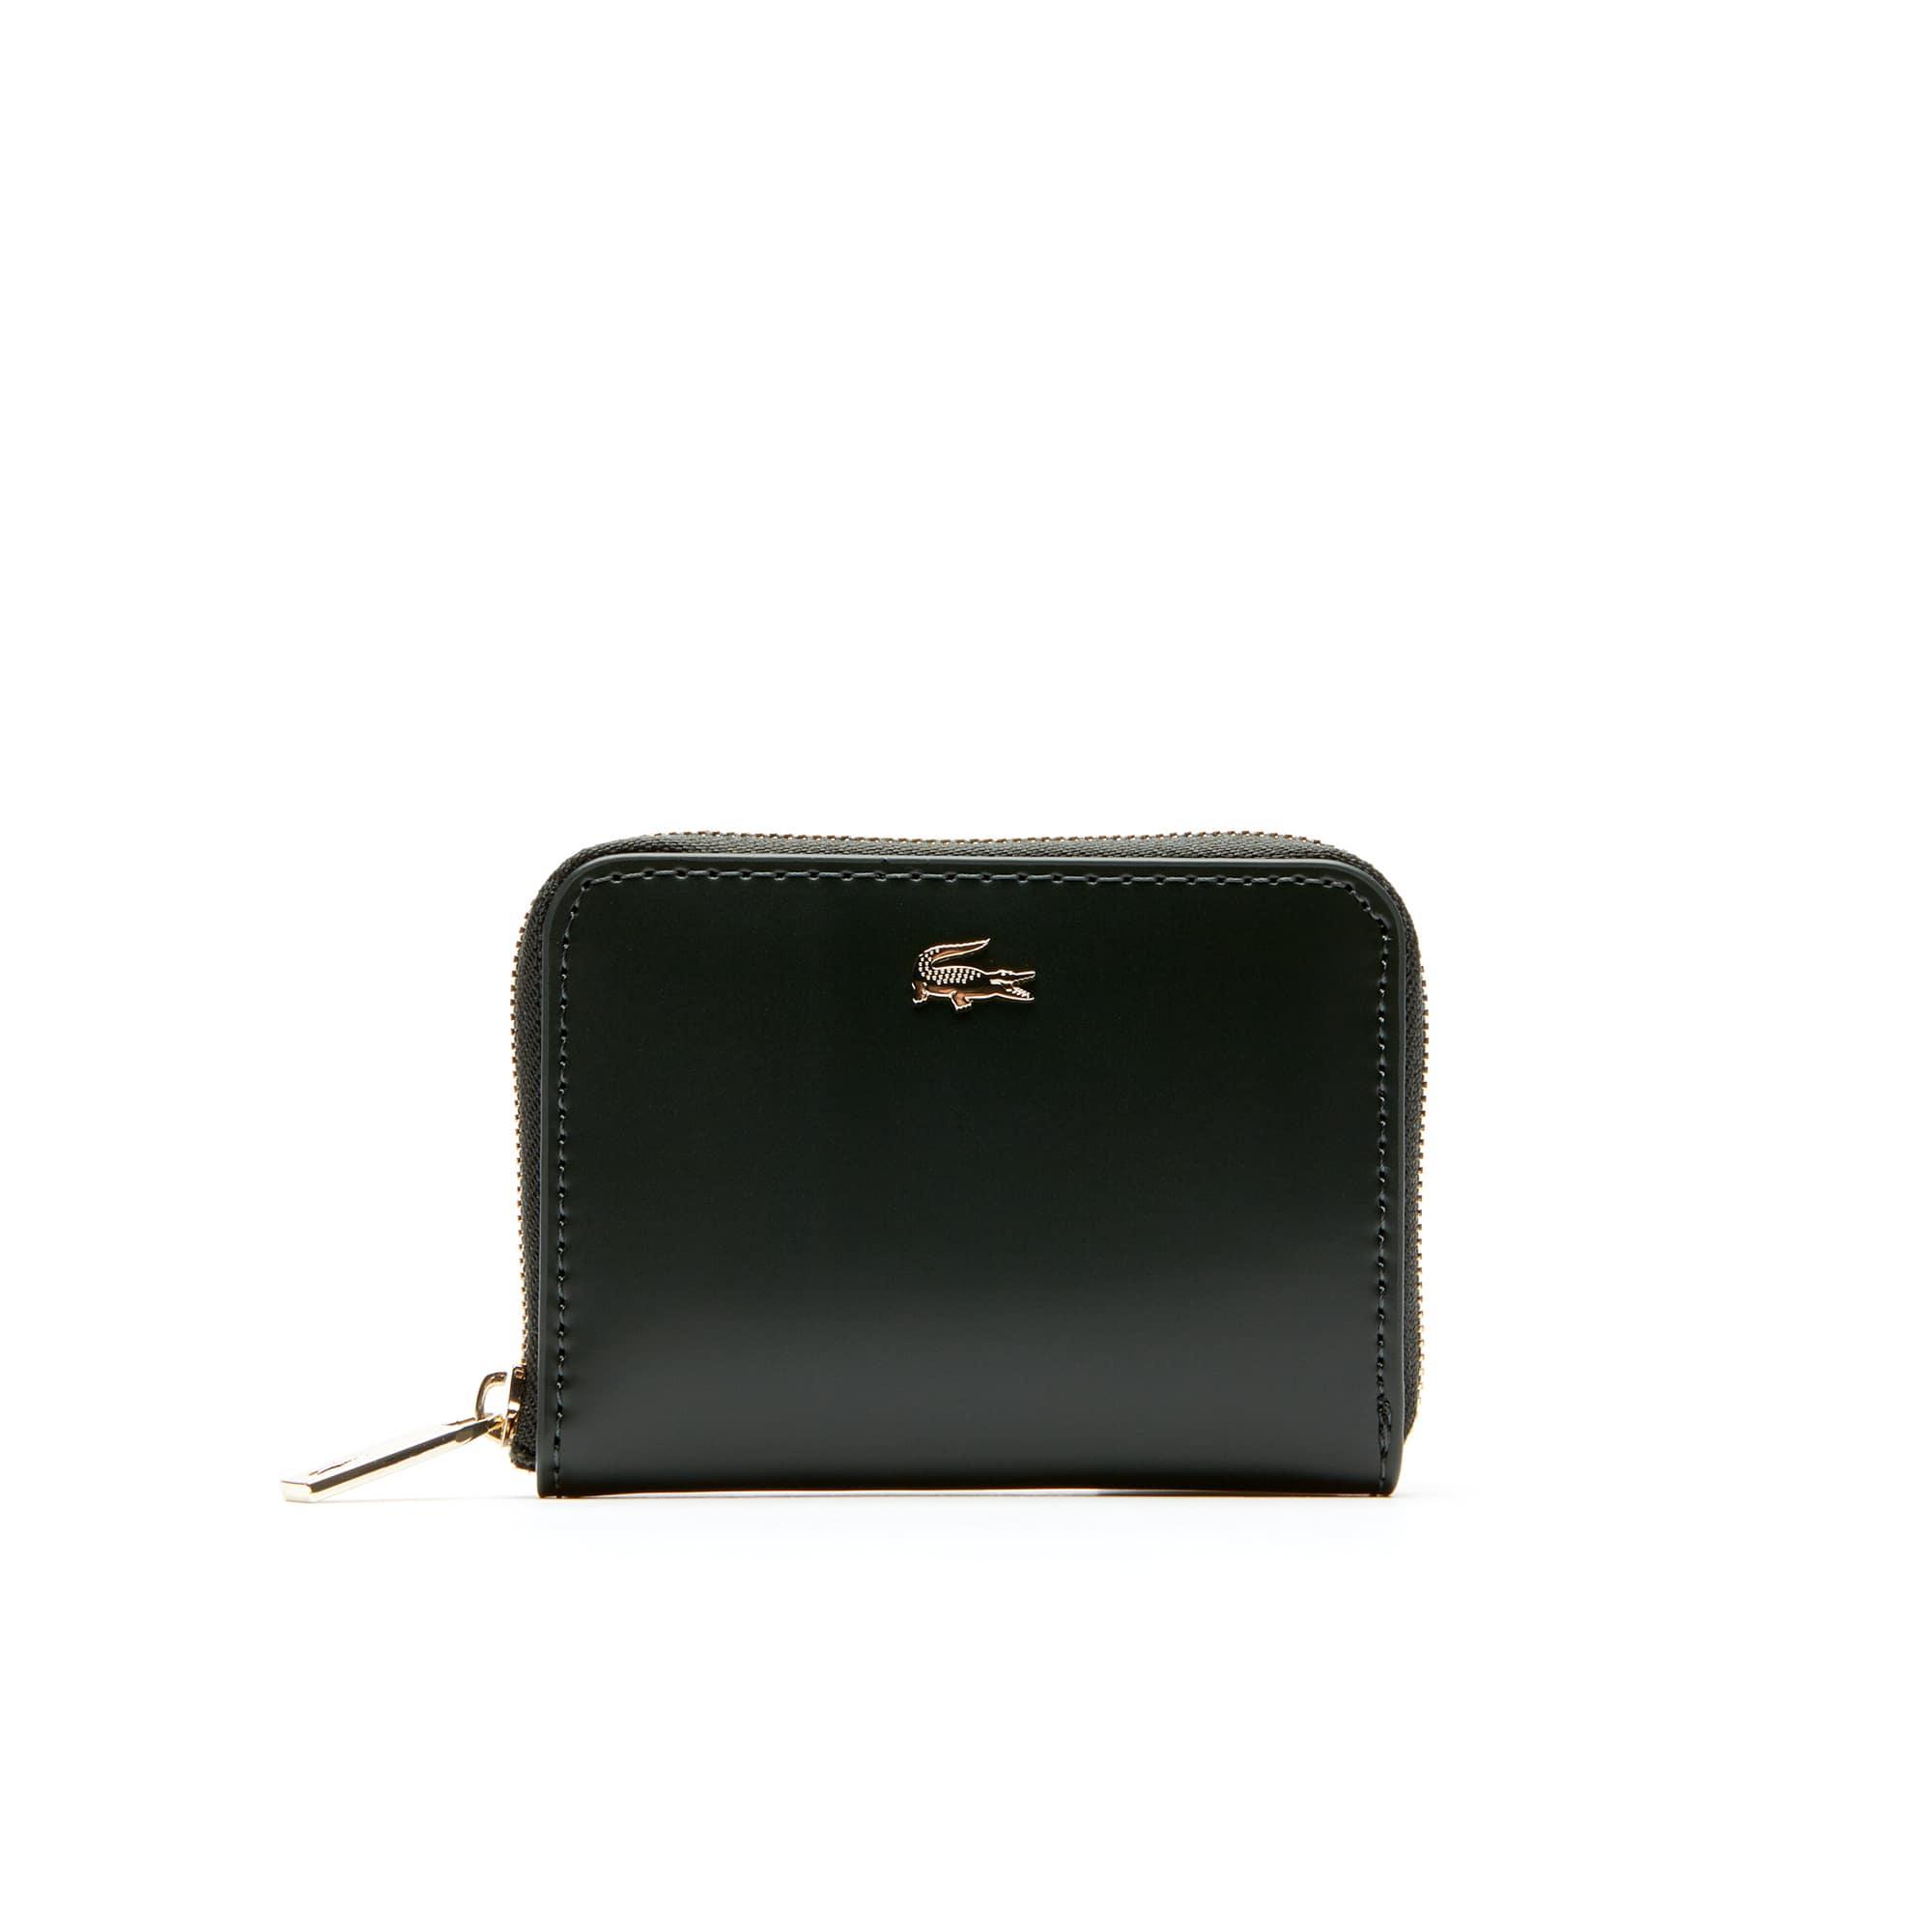 Damen-Geldbörse MINI GOLF aus glänzendem Leder mit Reißverschluss